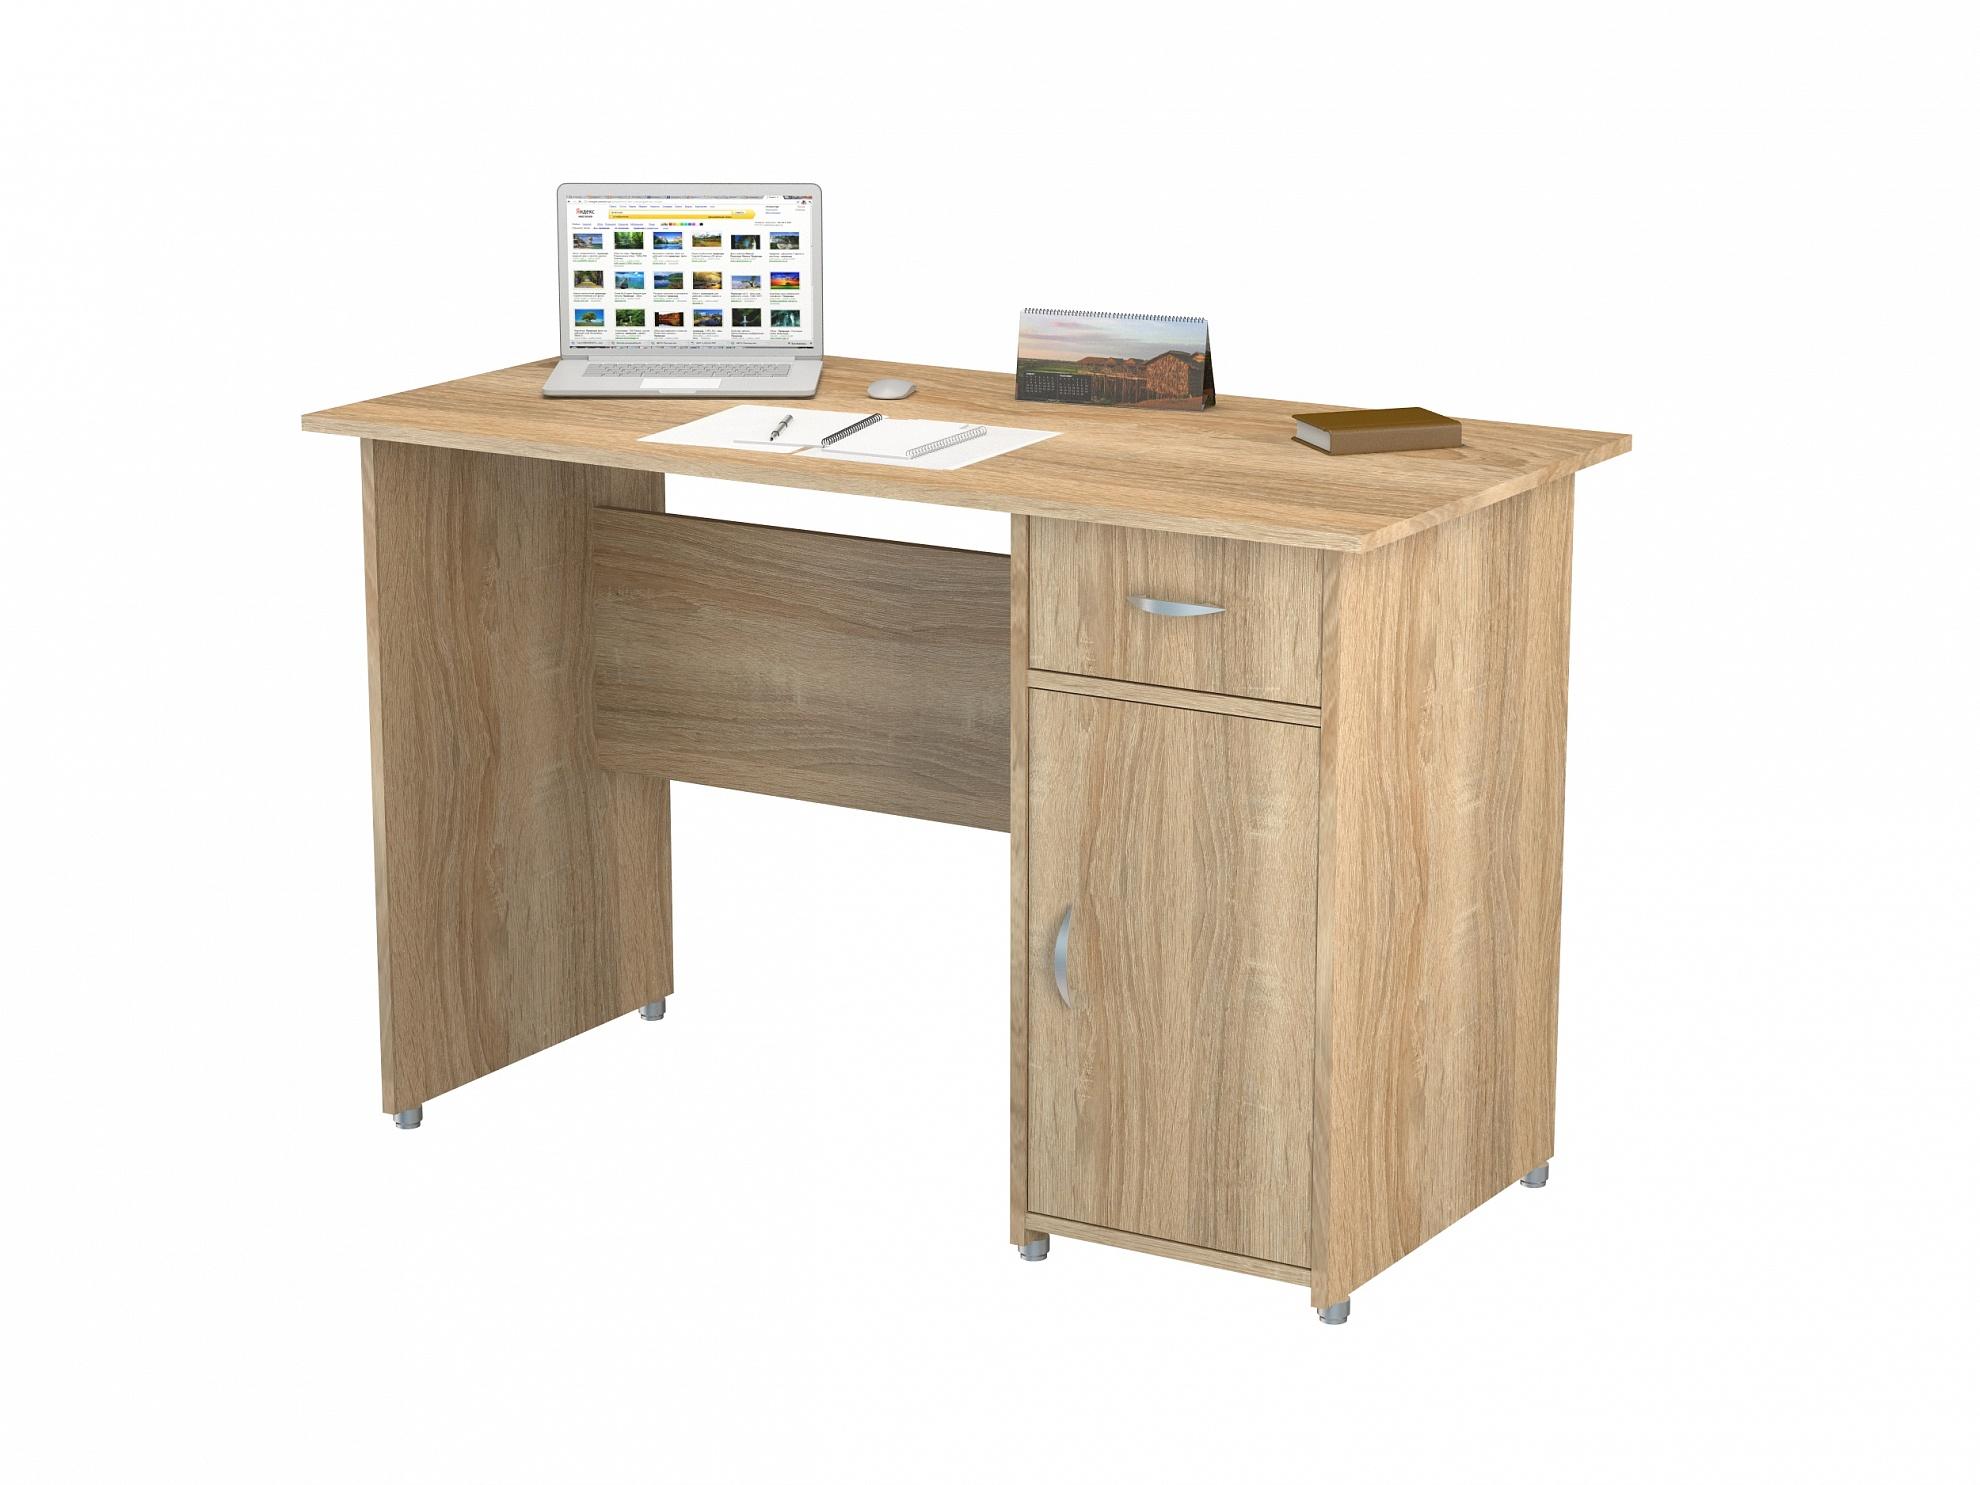 Письменный стол ПС 40-08м1Компьютерные столы<br>размер: 1200х600 В770<br><br>Материалы: ЛДСП, кромка АВС<br>Полный размер (ДхГхВ): 1200х600х770<br>Вес товара (кг): 36<br>Цвет: Венге/Дуб Молочный, Дуб Молочный, Дуб Сонома, Орех Валенсия<br>Изготовление и доставка: 2-3 дня<br>Условия доставки: Бесплатная по Москве до подъезда<br>Условие оплаты: Оплата наличными при получении товара<br>Доставка по МО (за пределами МКАД): 30 руб./км<br>Подъем на лифте: 300 руб.<br>Гарантия: 12 месяцев<br>Производство: Россия, г. Москва<br>Производитель: ВасКо (Дик)